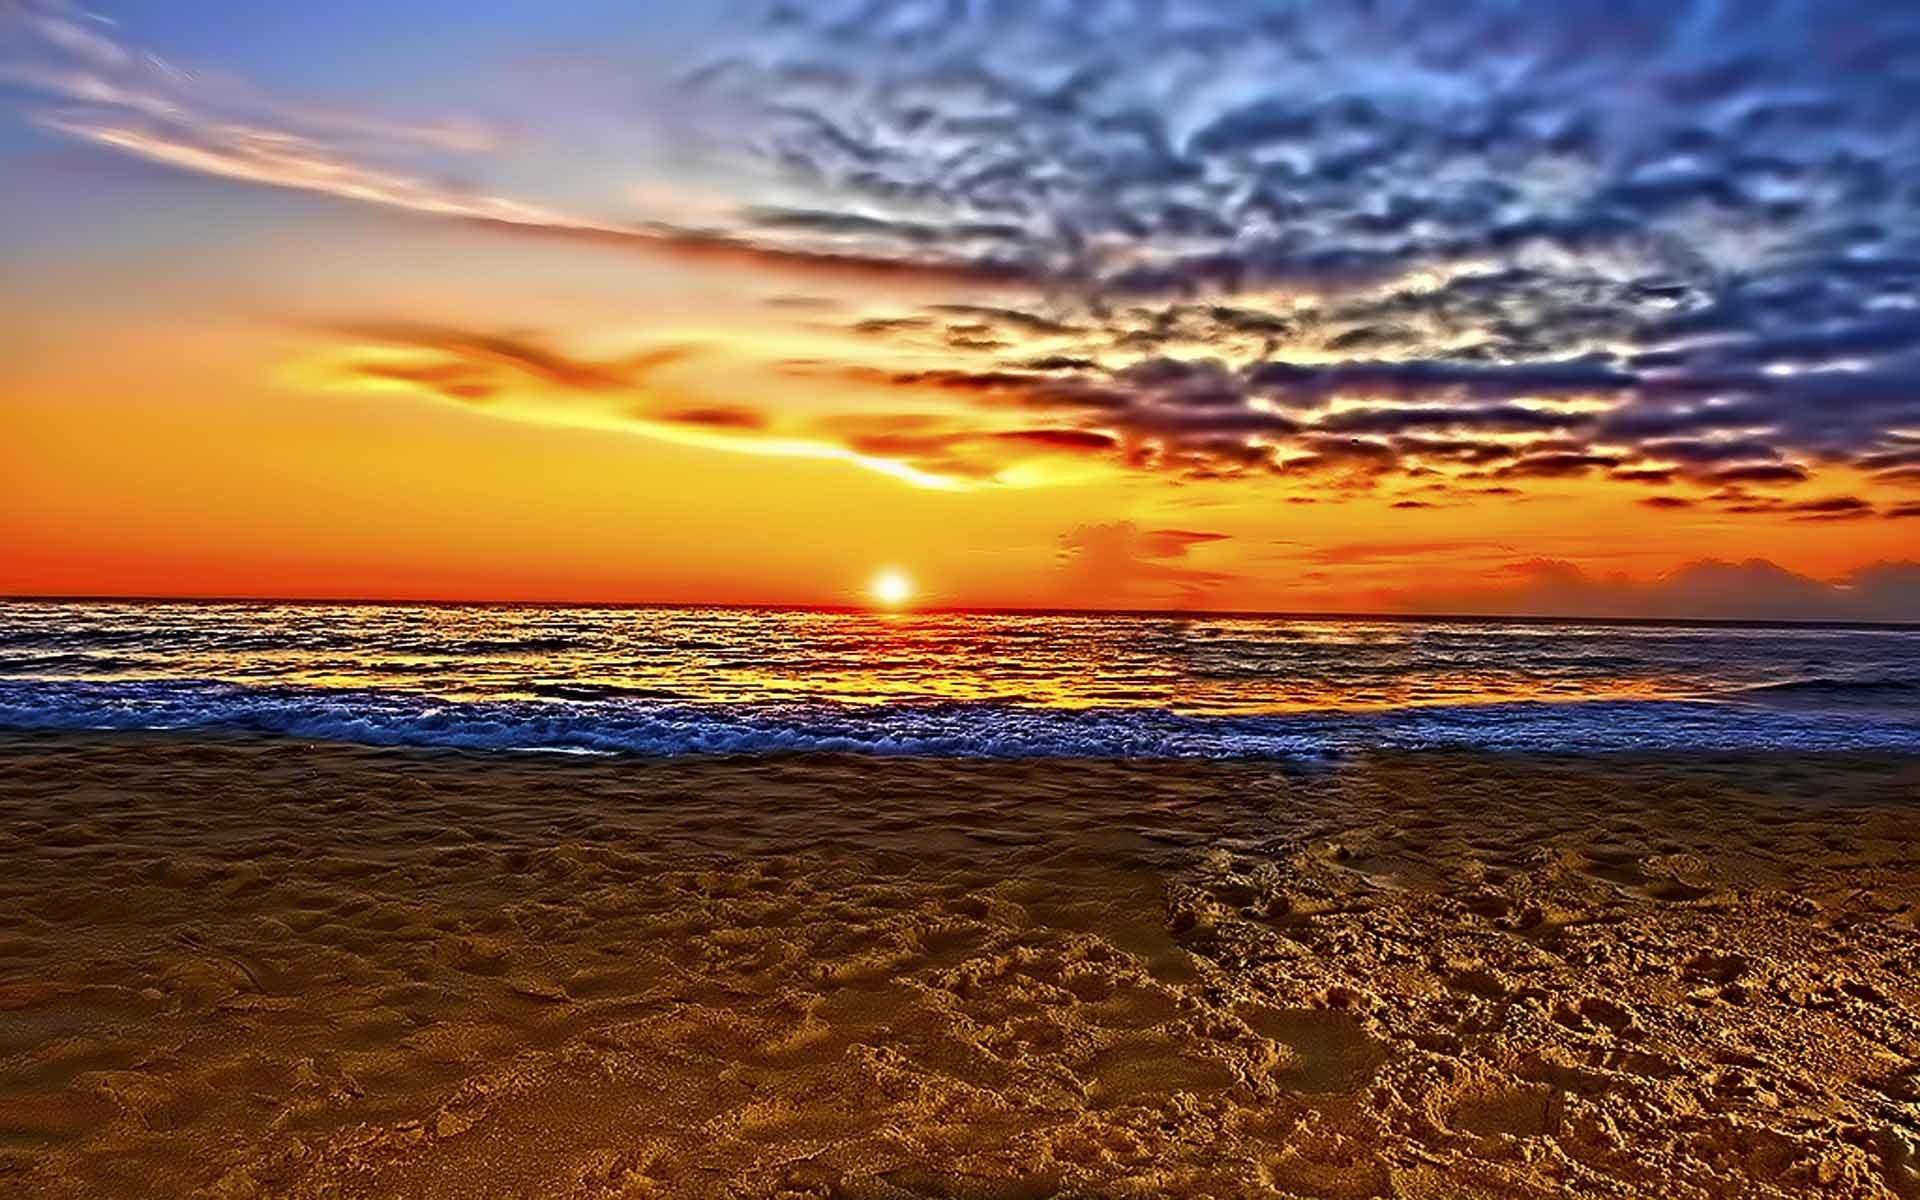 Beach Wallpaper: Beautiful Beach Sunset Wallpaper (61+ Images